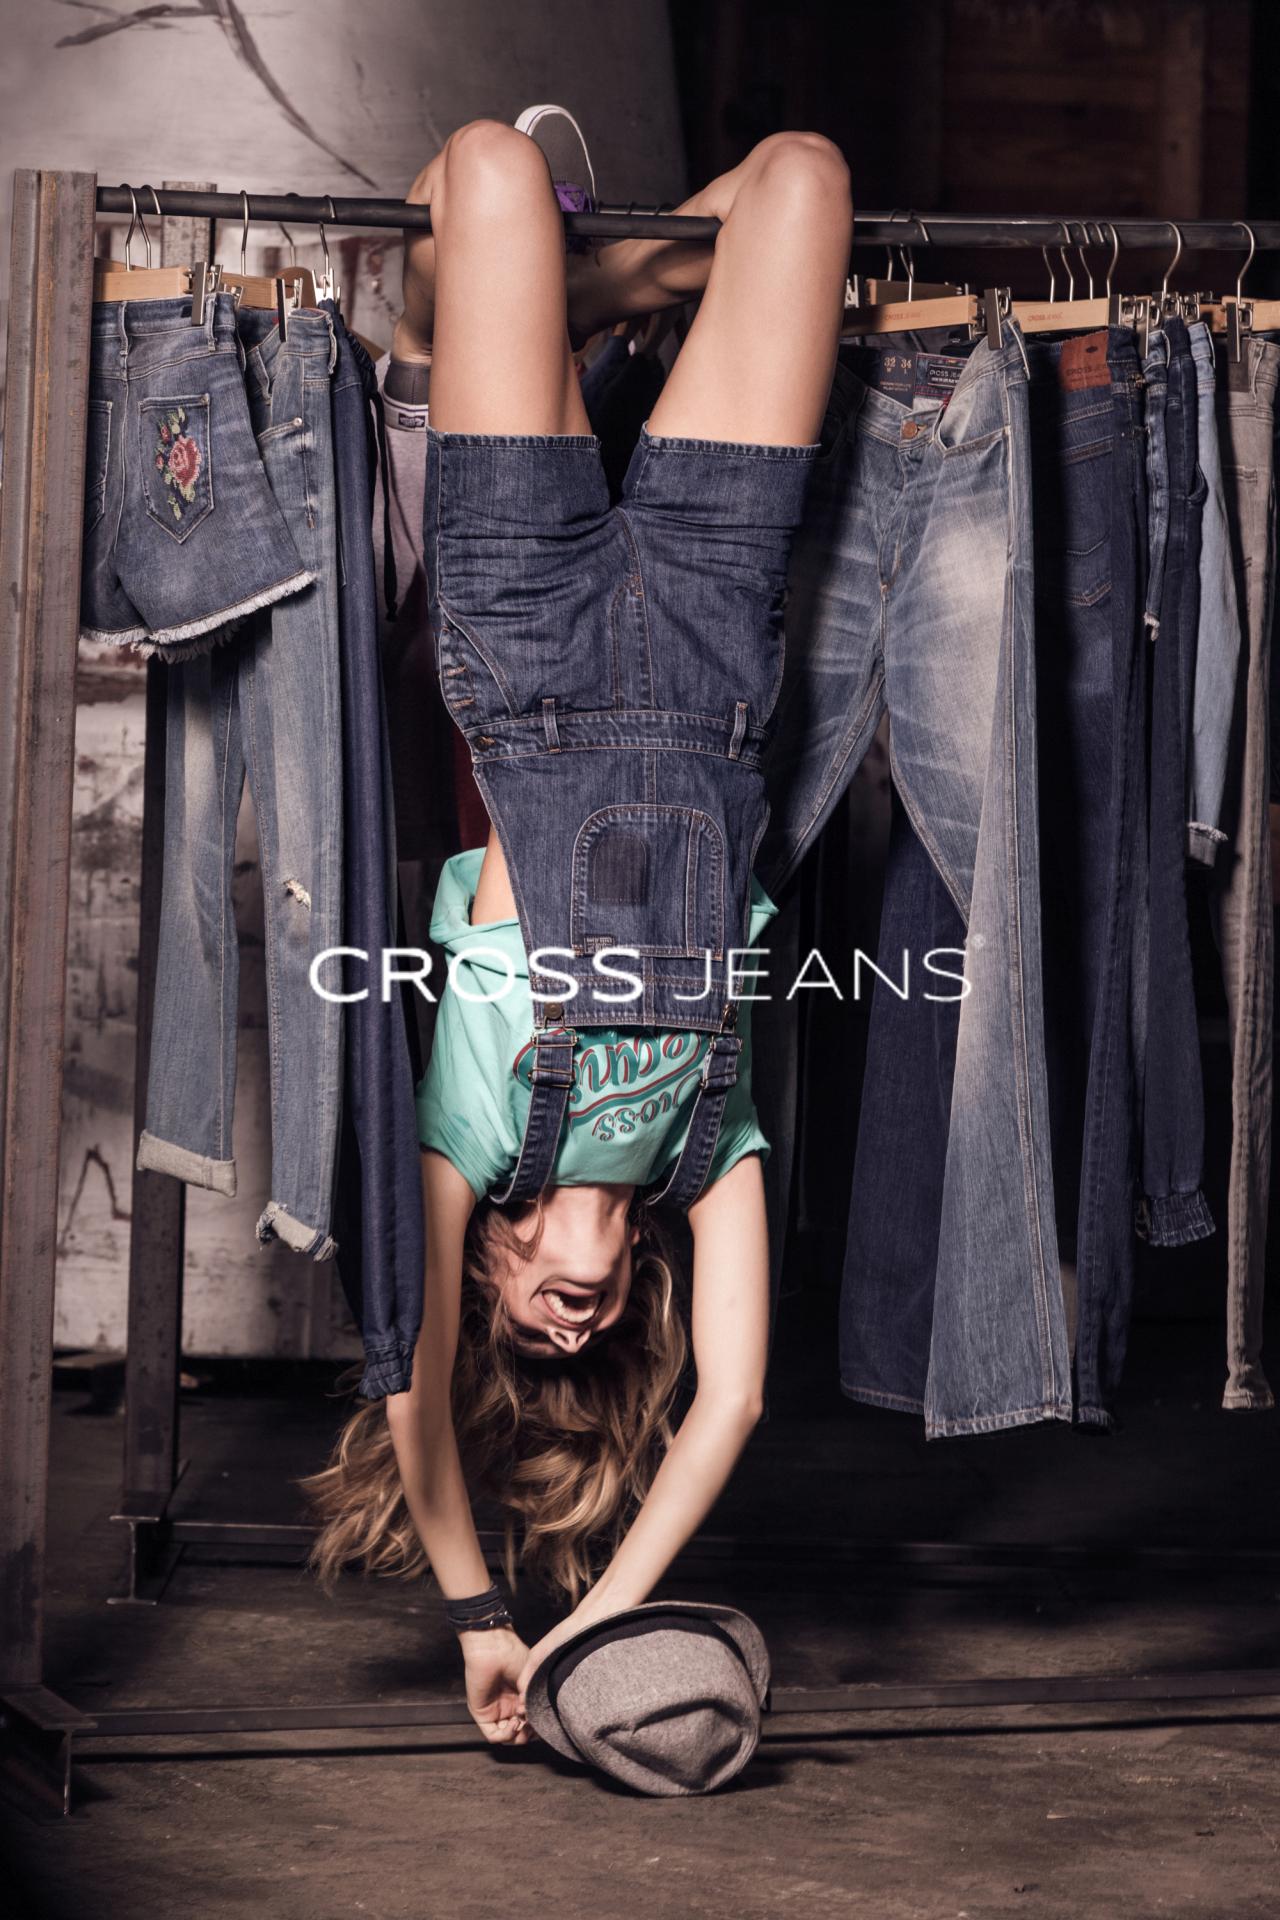 CROSS JEANS SS15